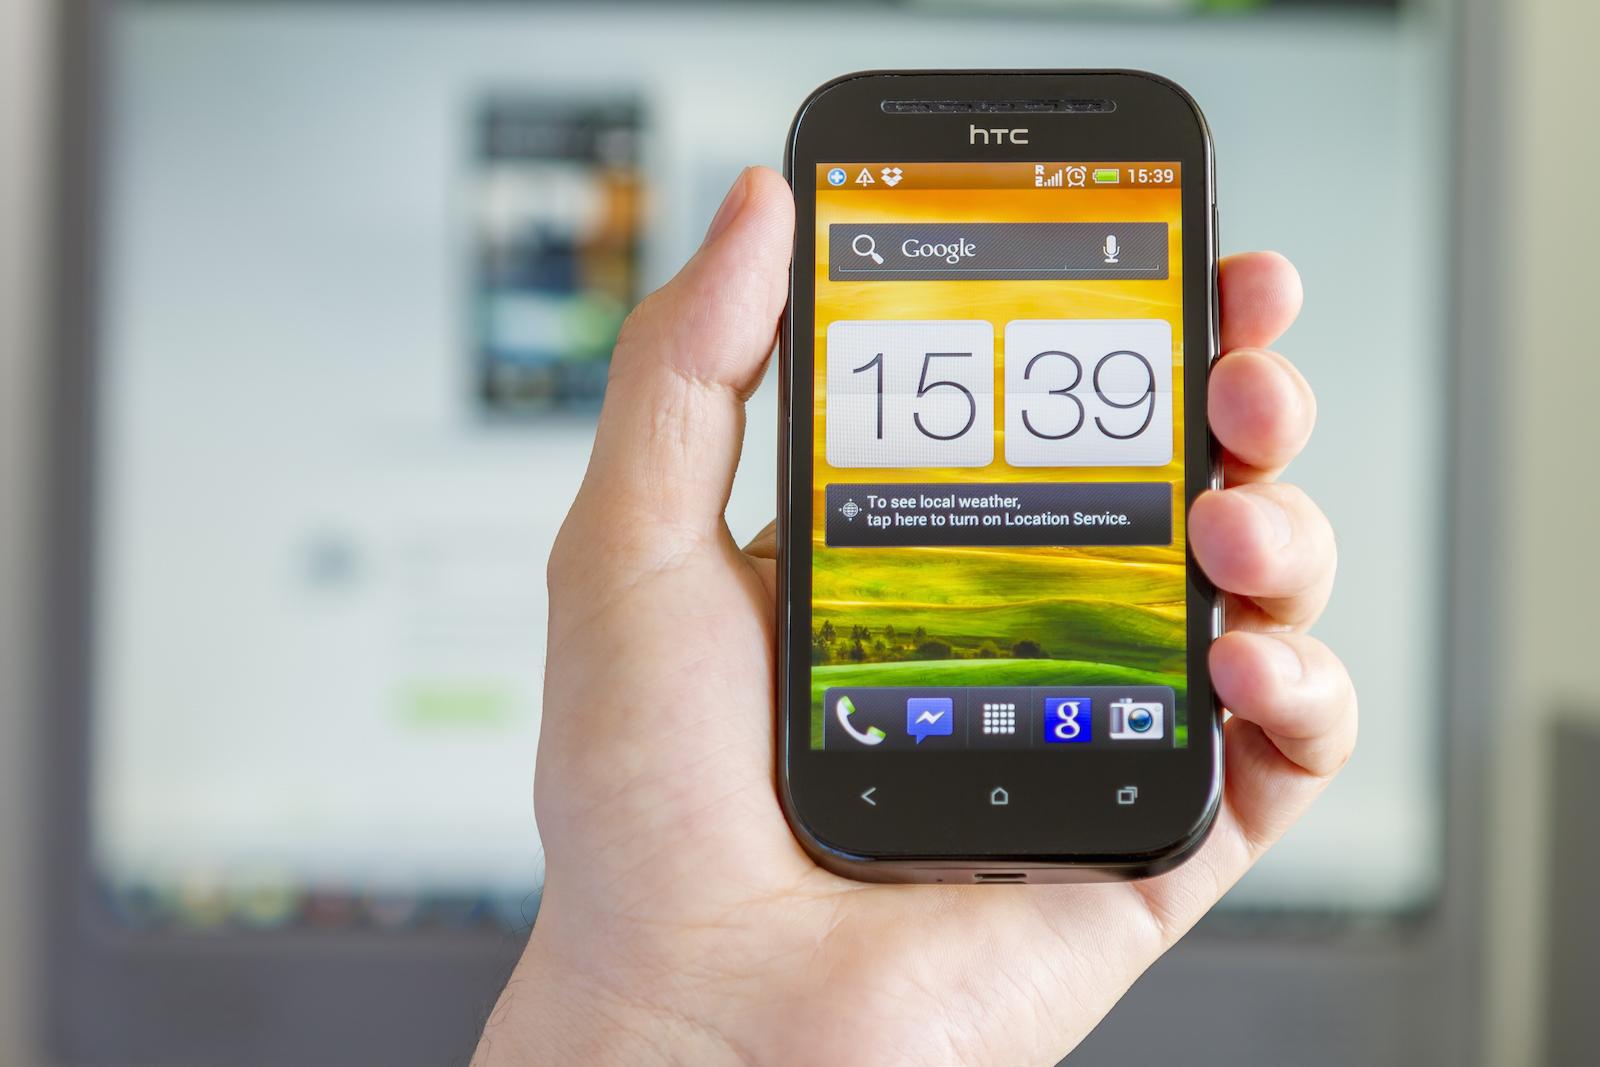 Trudno w to uwierzyć, ale HTC jest dziś jak… AllView, Wiko, czy polski Kruger&Matz